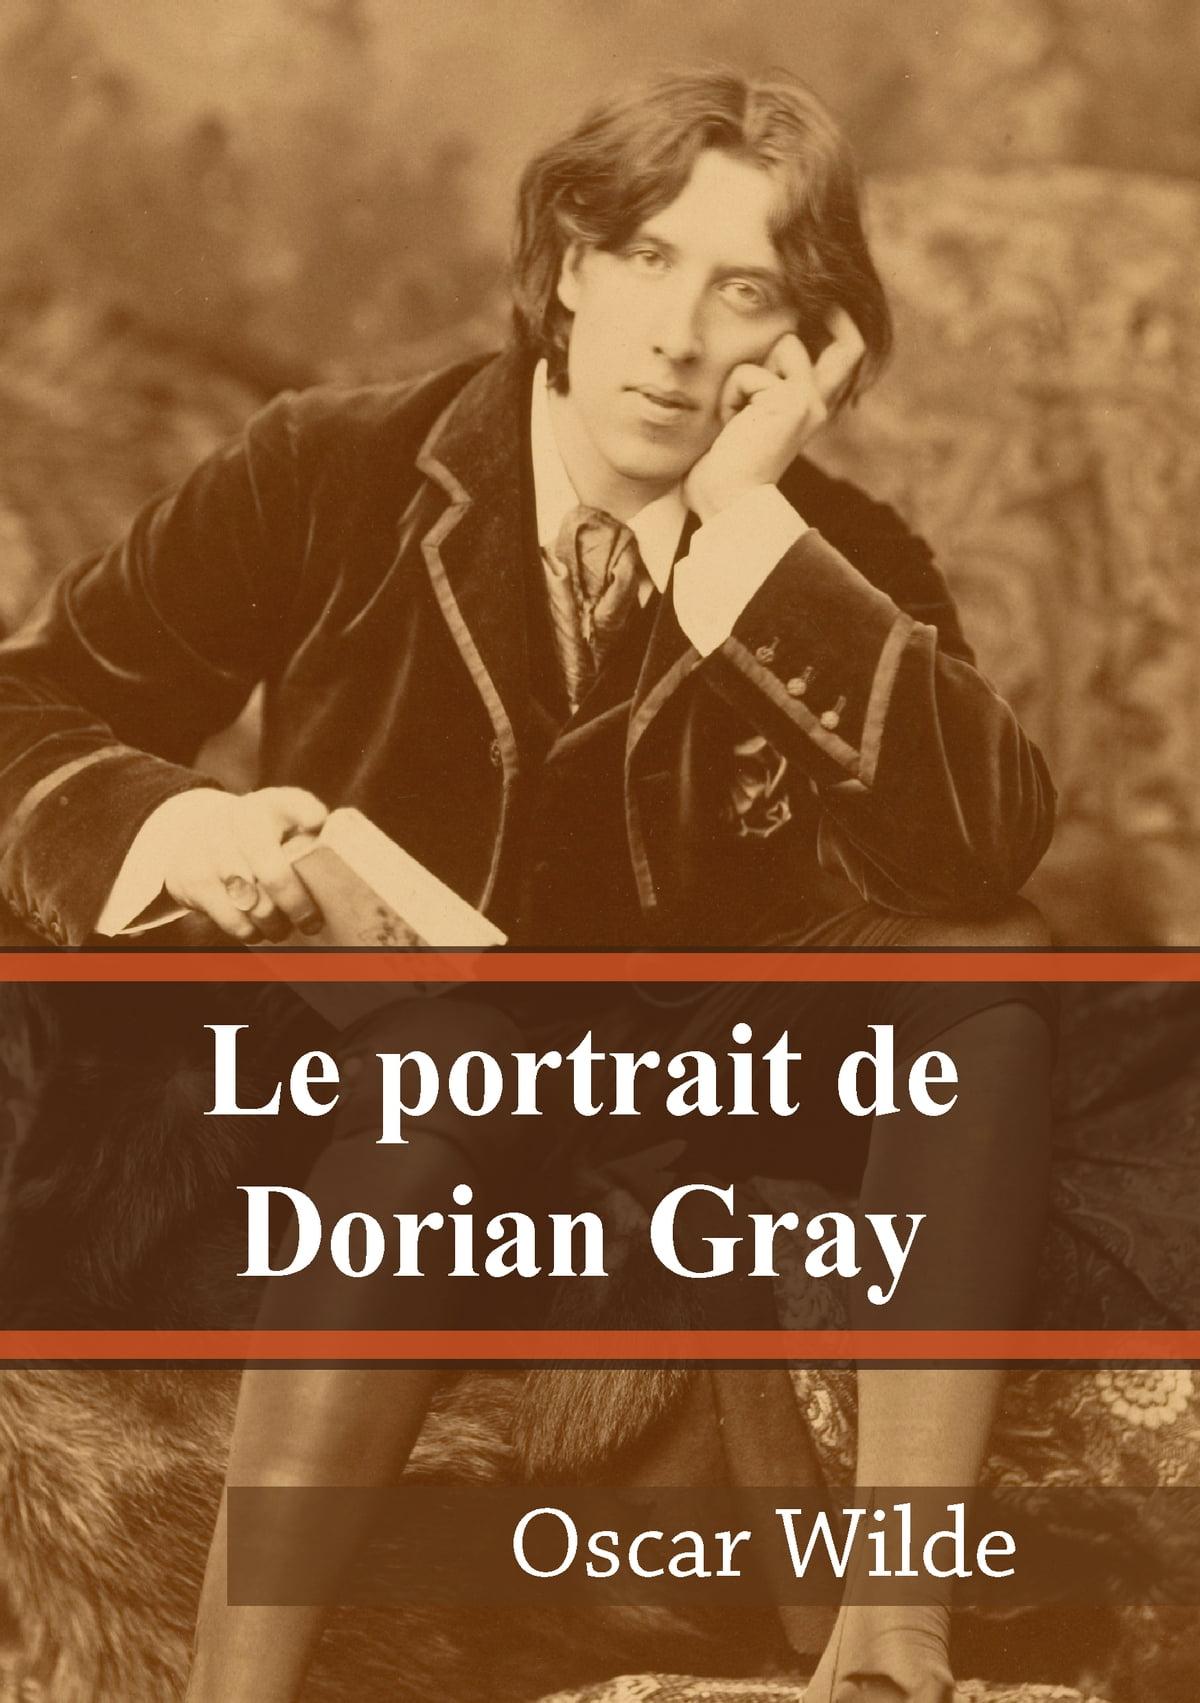 Oscar Wilde Le Portrait De Dorian Gray : oscar, wilde, portrait, dorian, Portrait, Dorian, EBook, Oscar, Wilde, 1230002567754, Rakuten, United, States